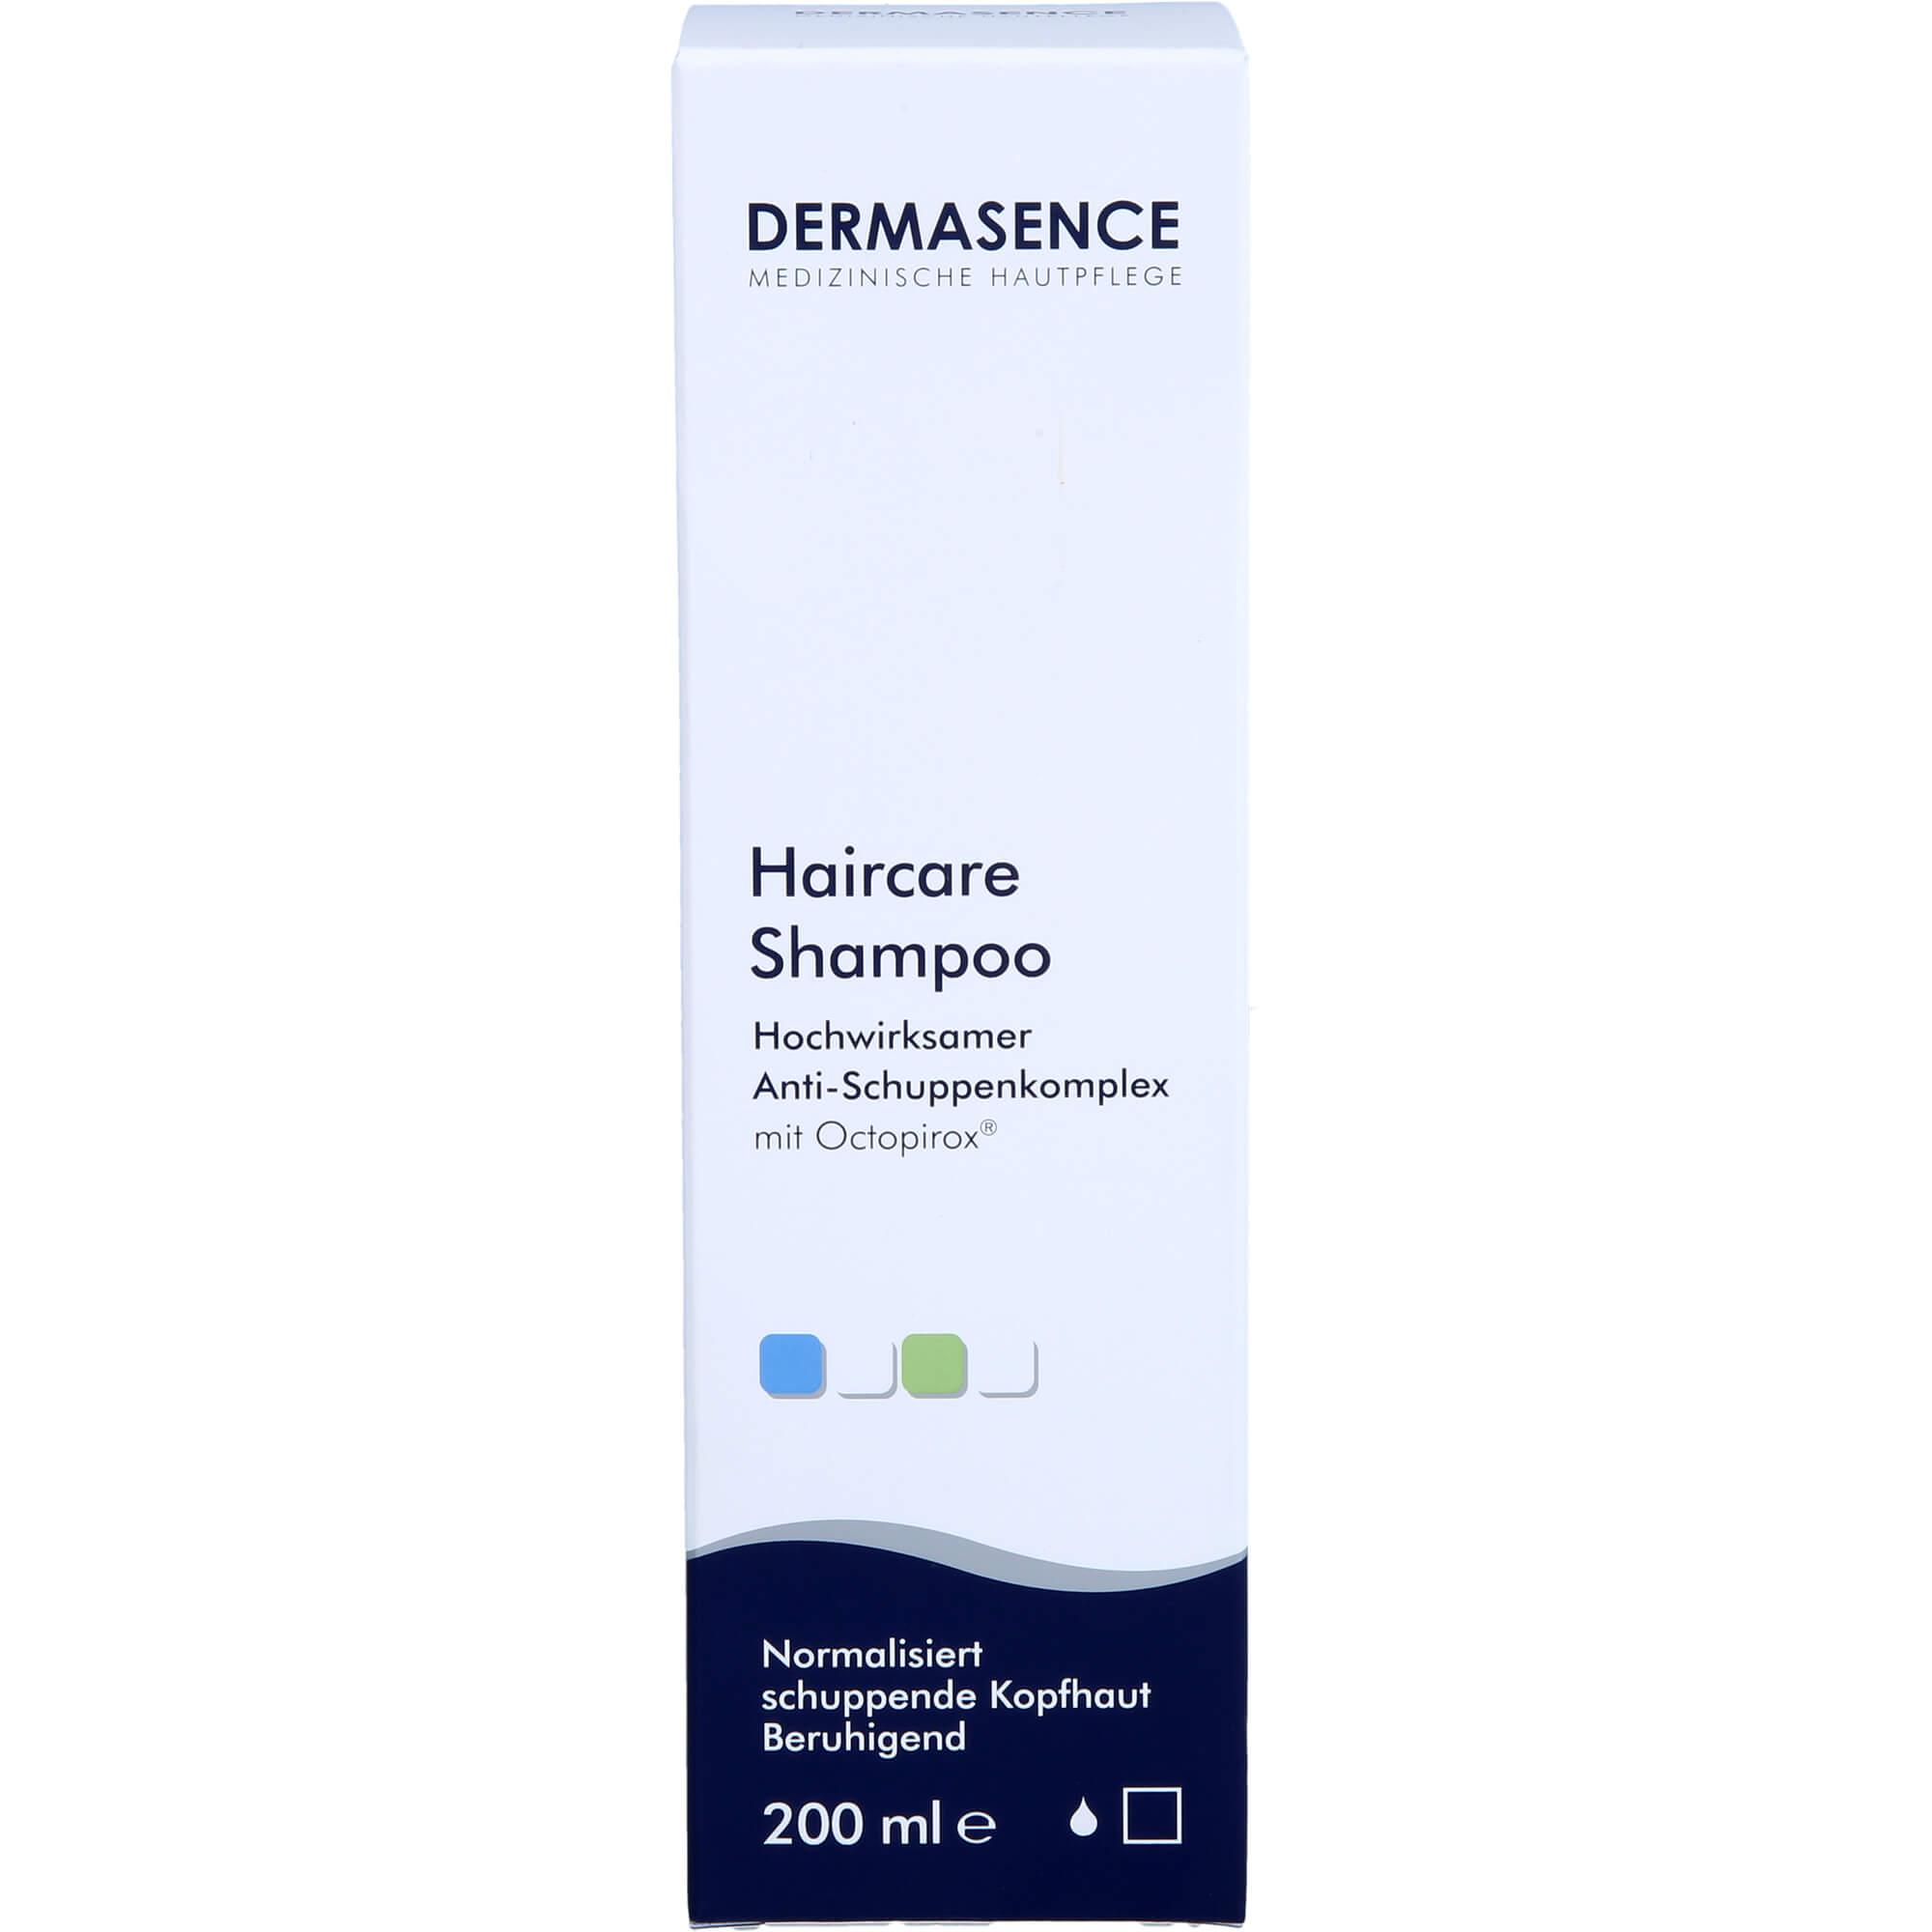 DERMASENCE-Haircare-Shampoo